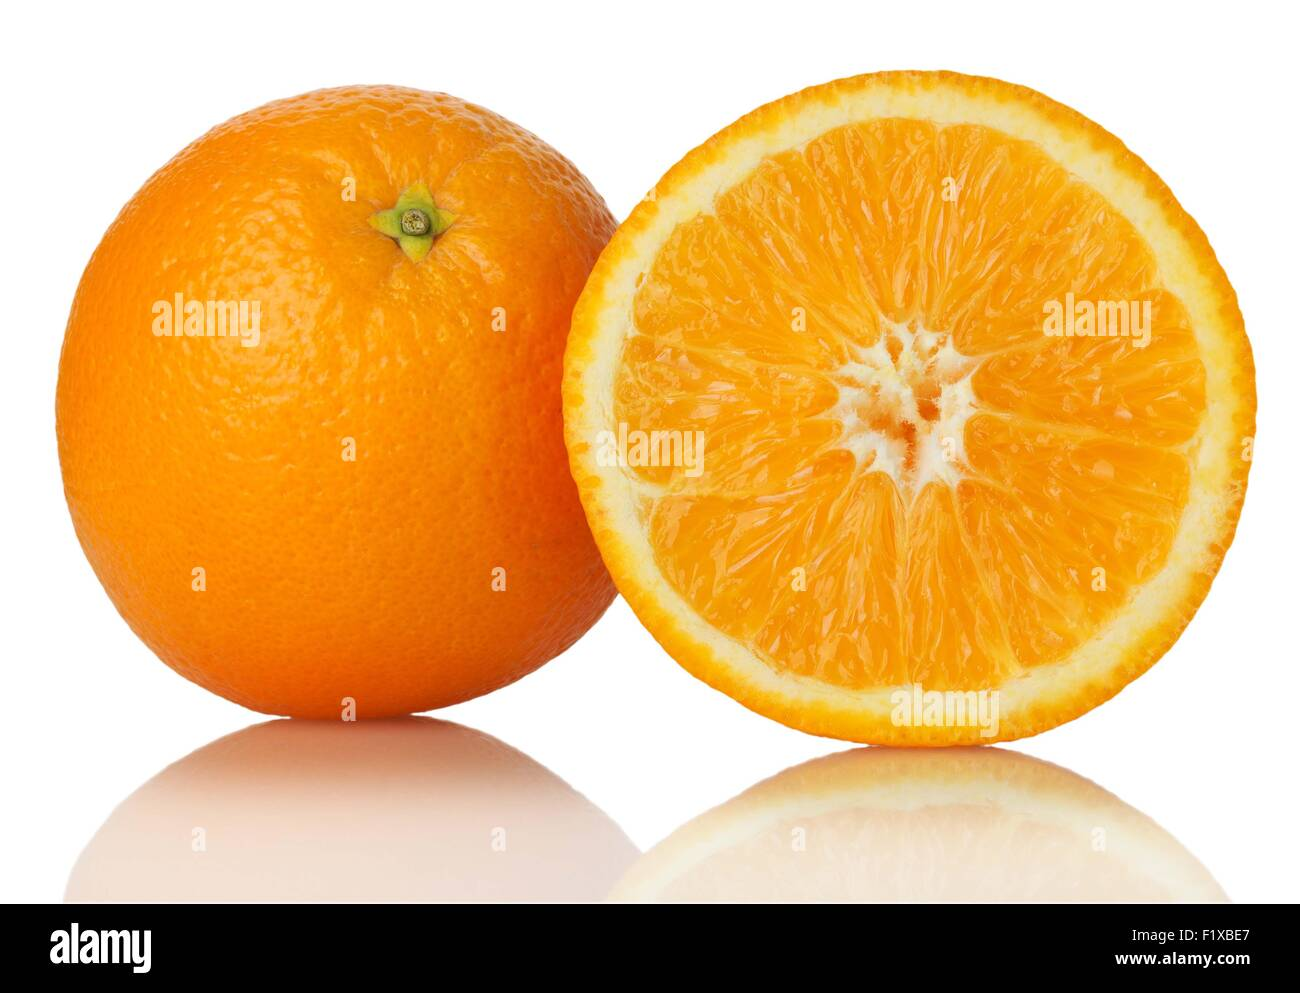 ripe oranges on white background - Stock Image